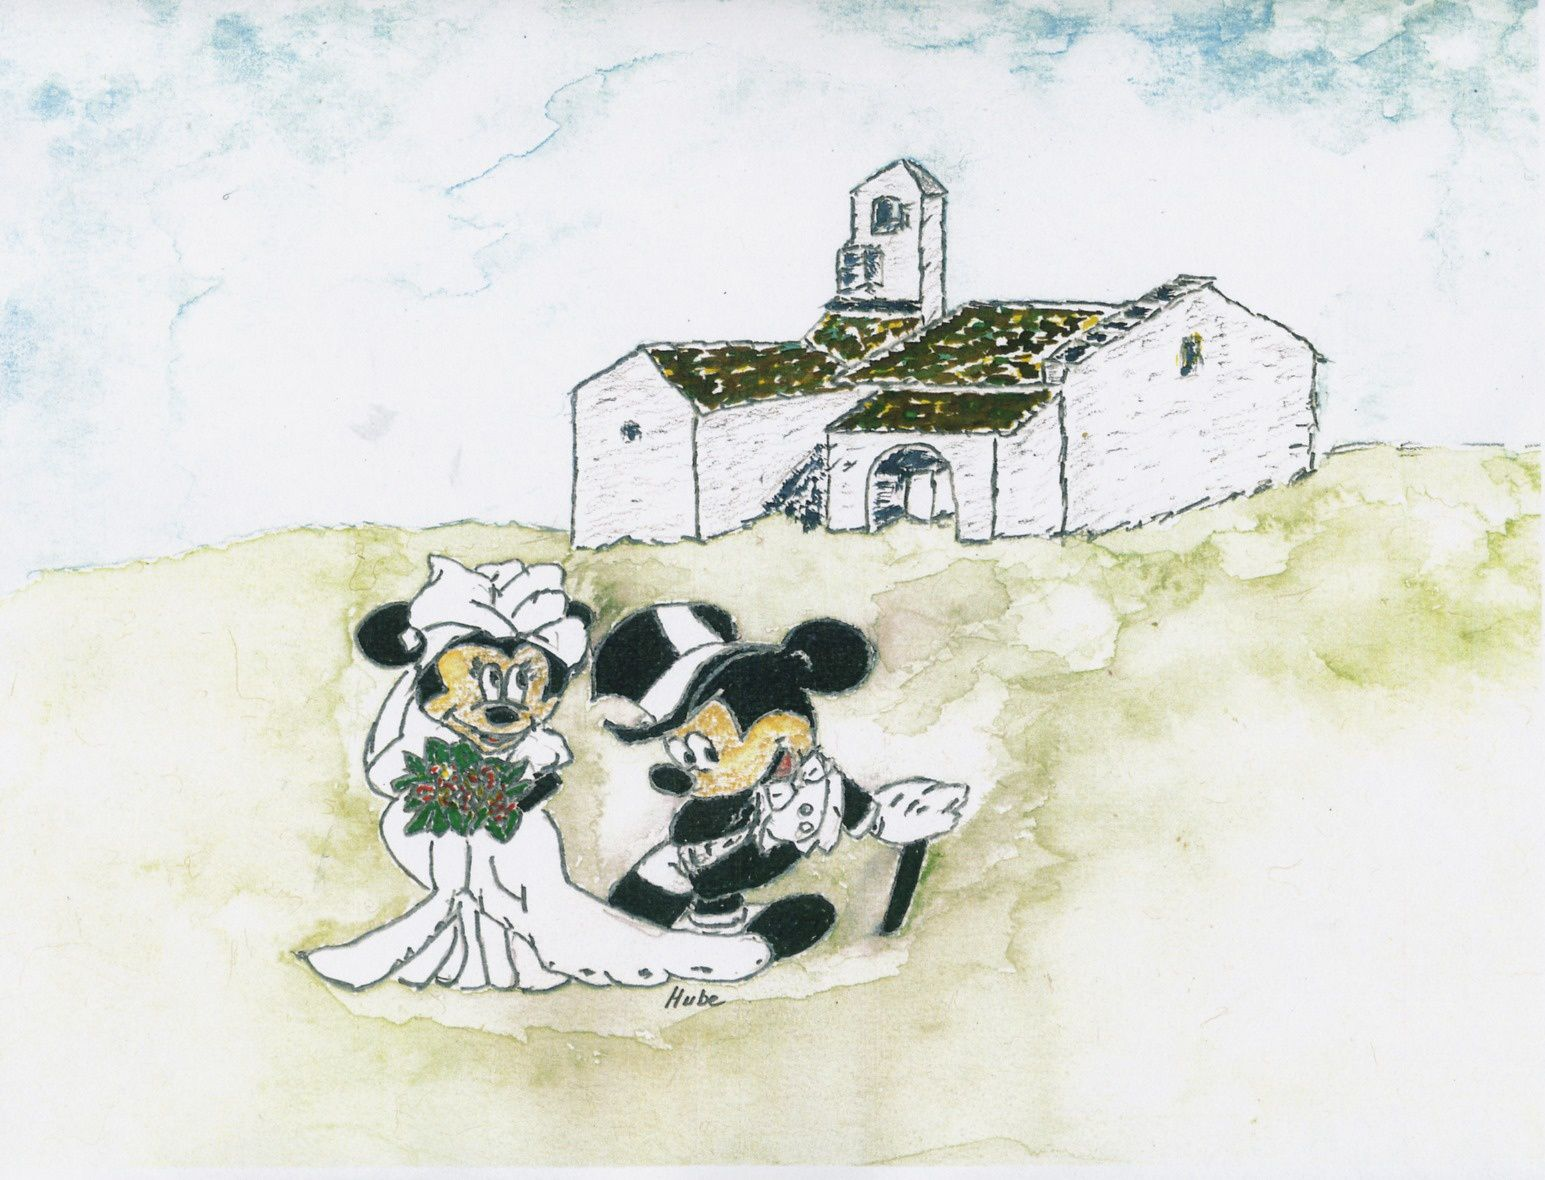 Mickey et ses amis visitent Massiac par Hubert Gomont